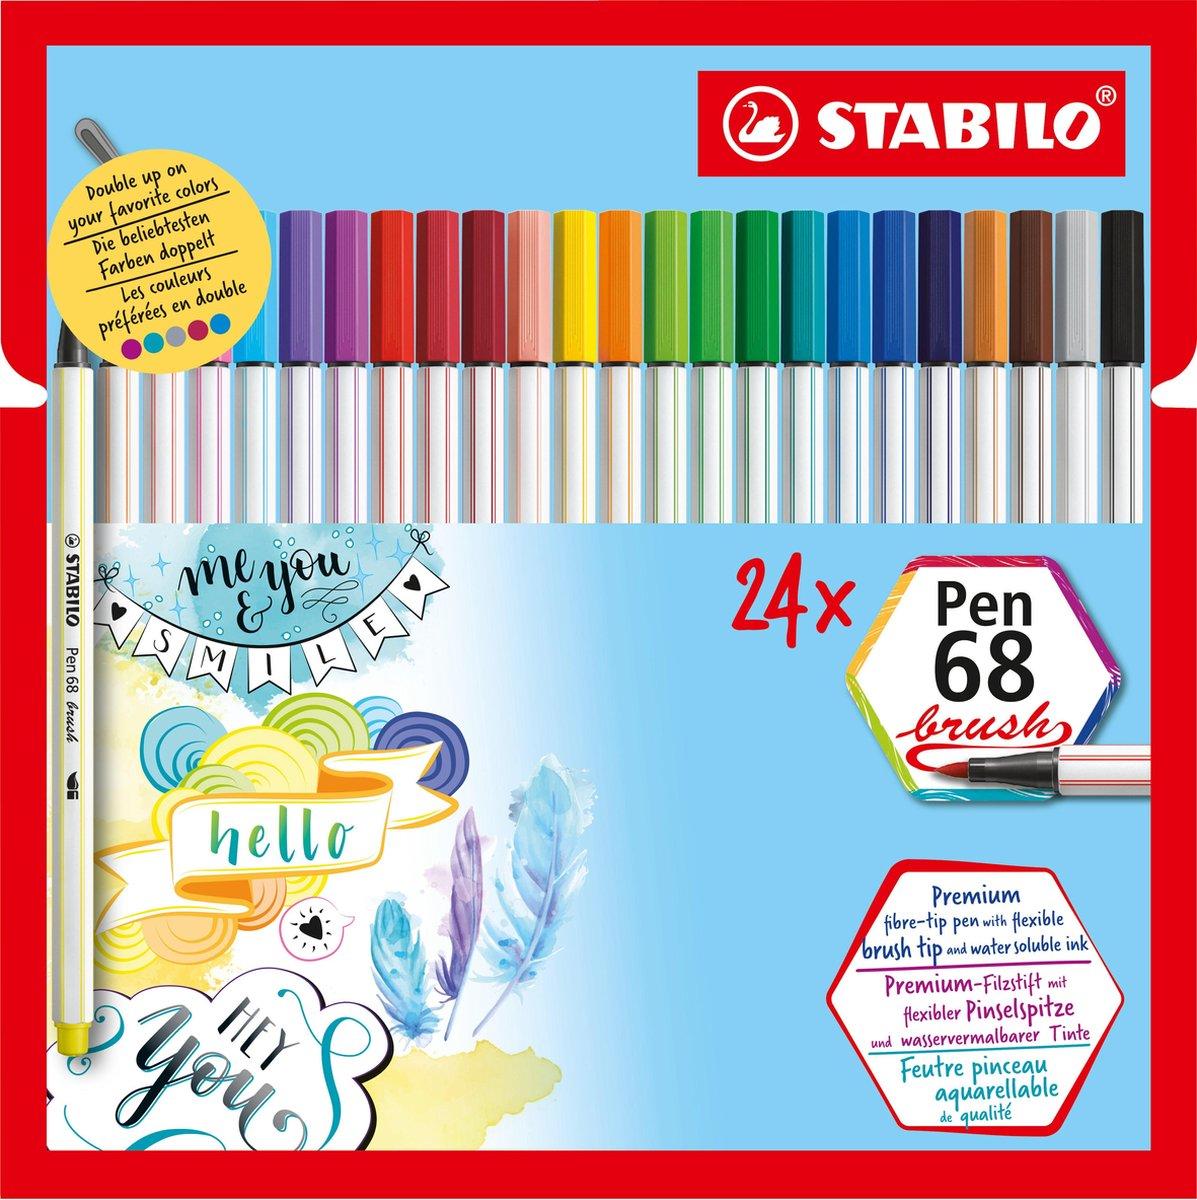 STABILO Pen 68 Brush - Premium Brush Viltstift - Etui 24 Stuks In 19 Verschillende Kleuren